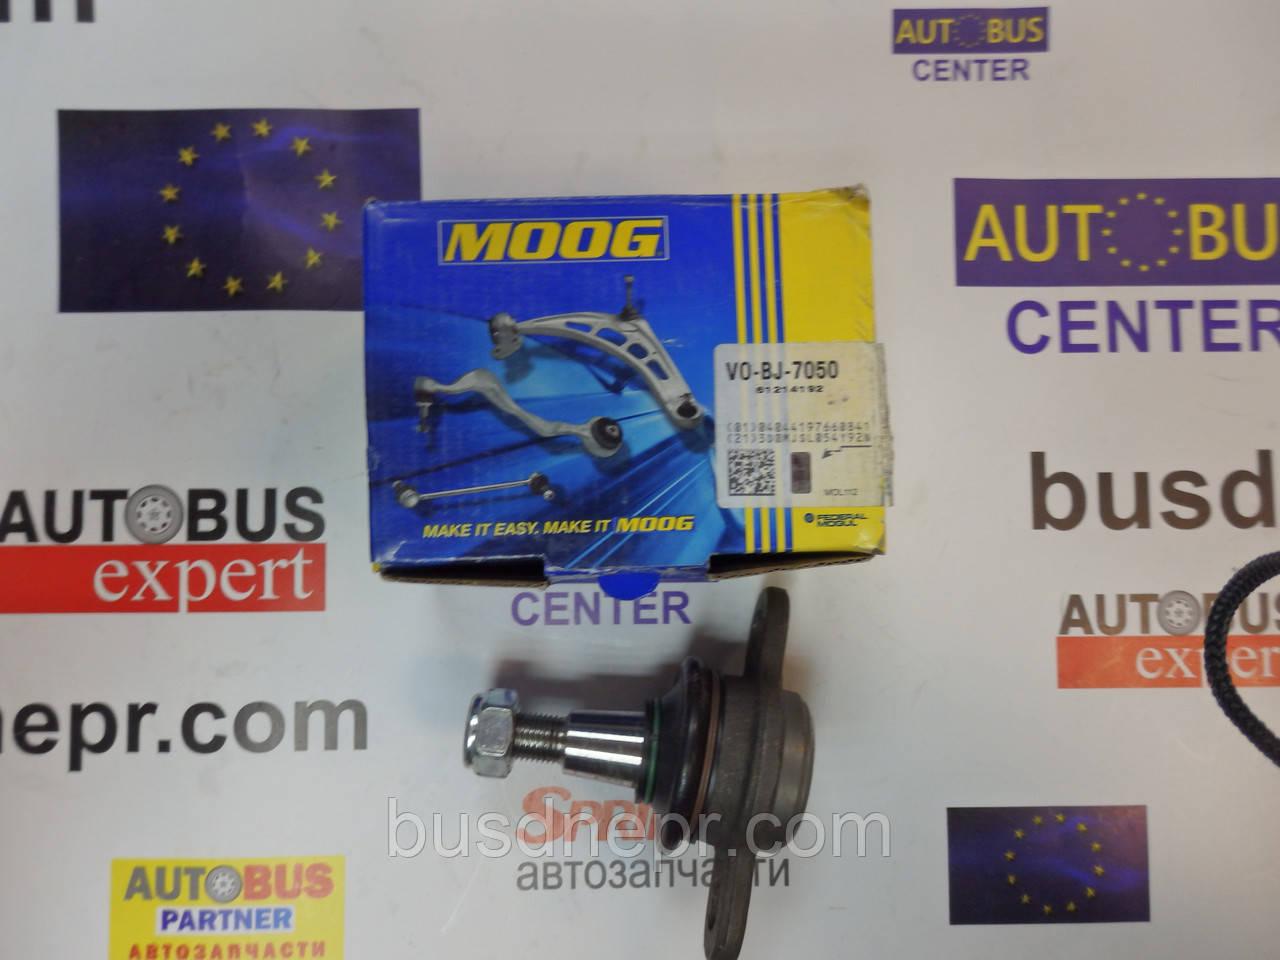 Опора шаровая, VW T5 03- (фургон) d=44 пр-во MOOG VO-BJ-7050